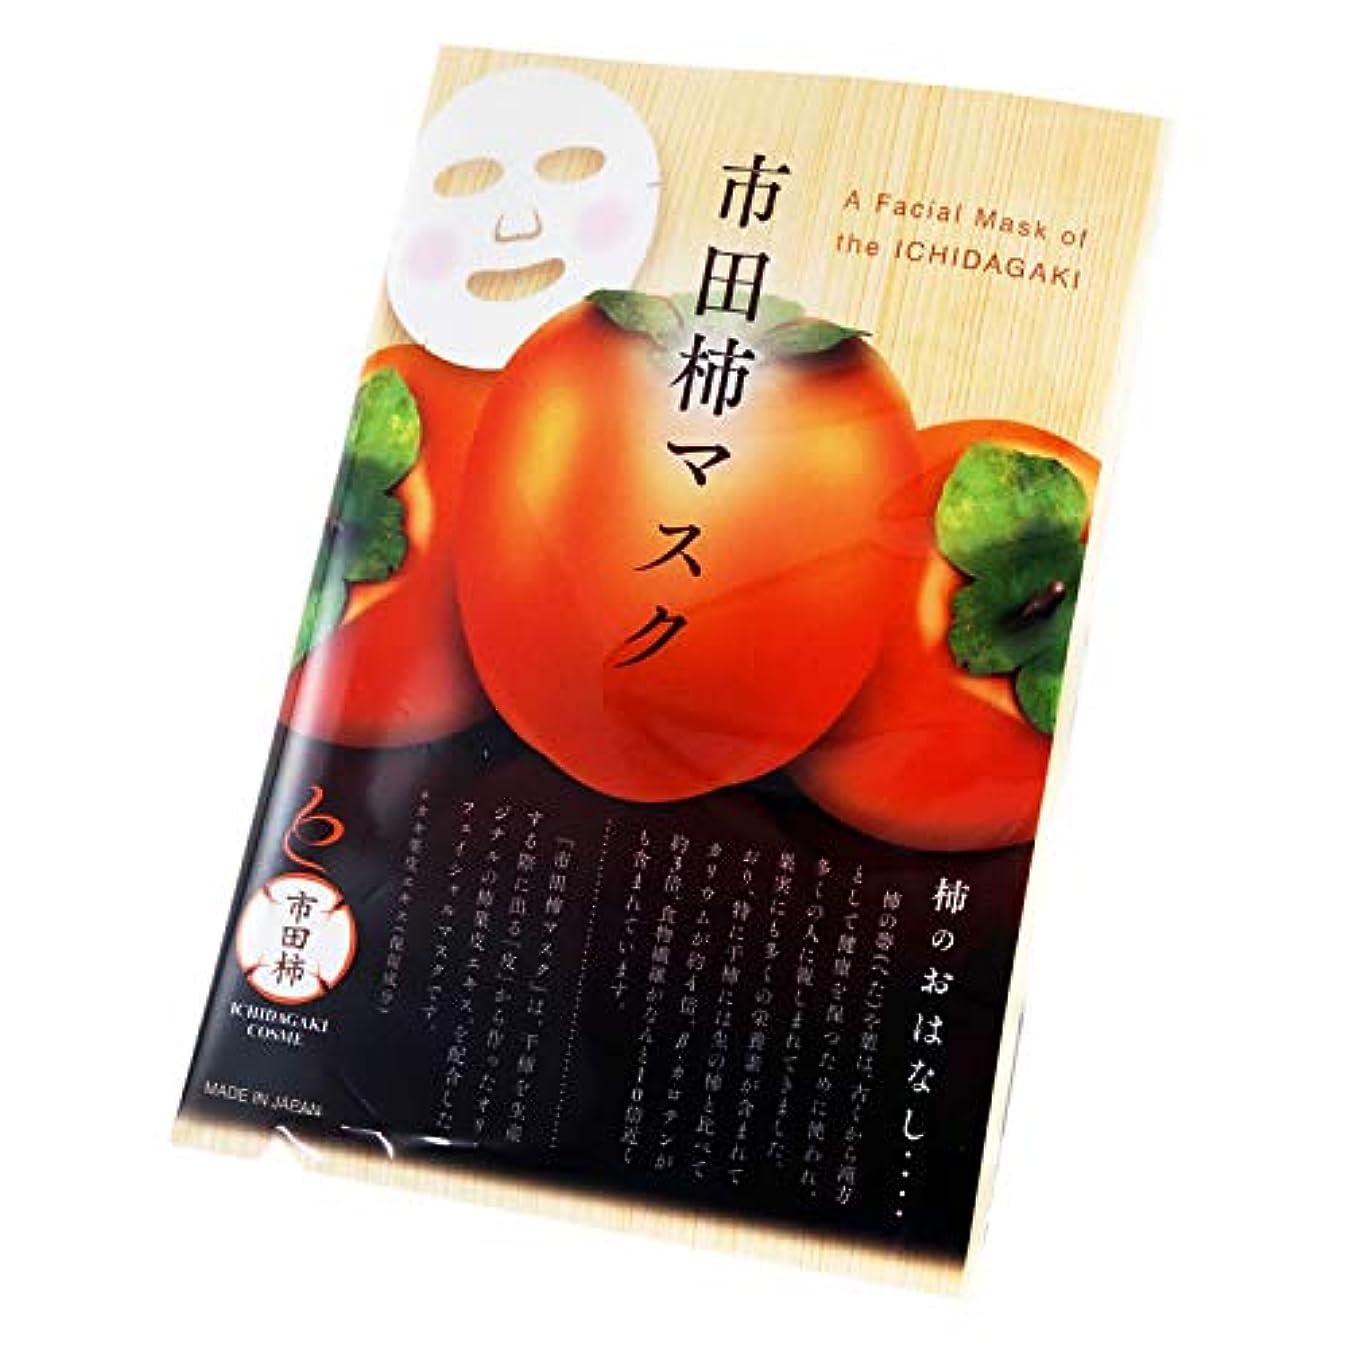 取る刈る半球市田柿コスメ フェイスマスク 1枚